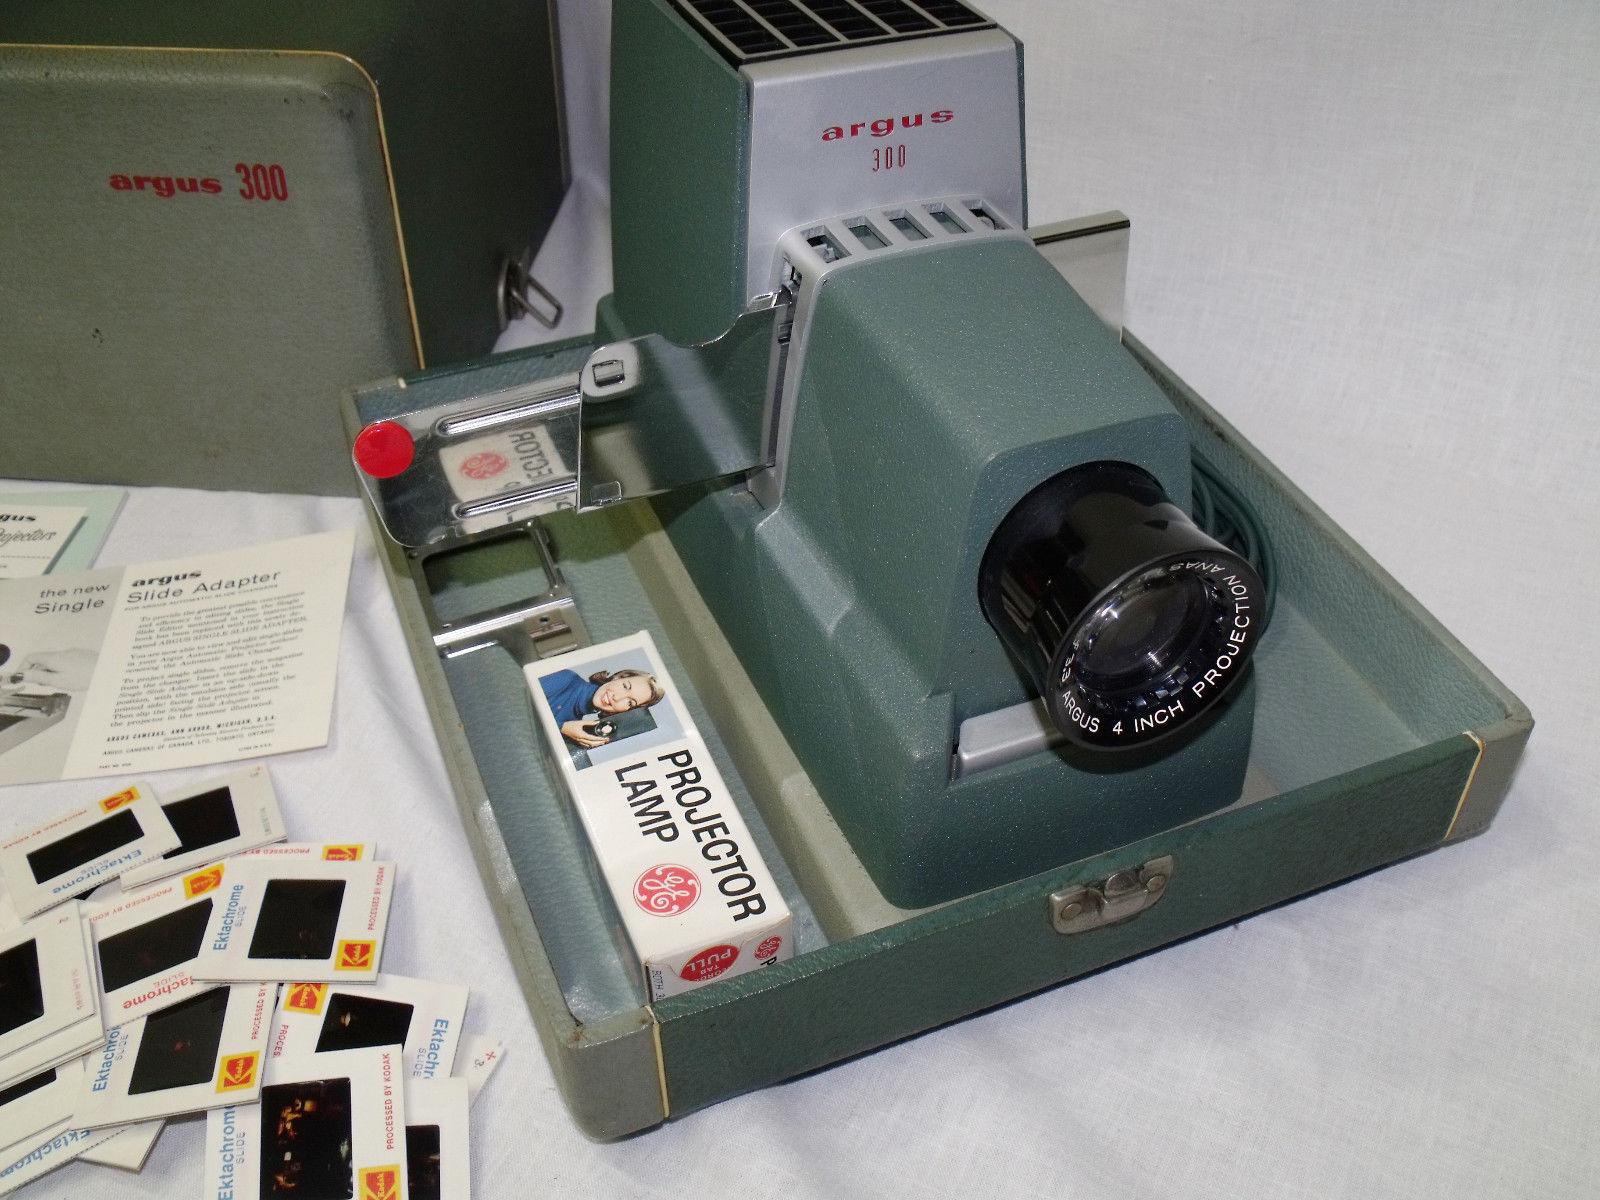 vintage argus 300 model iii slide projector and 24 similar items rh bonanza com Crestline 500 Slide Projector Argus 500 Slide Projector Bulb